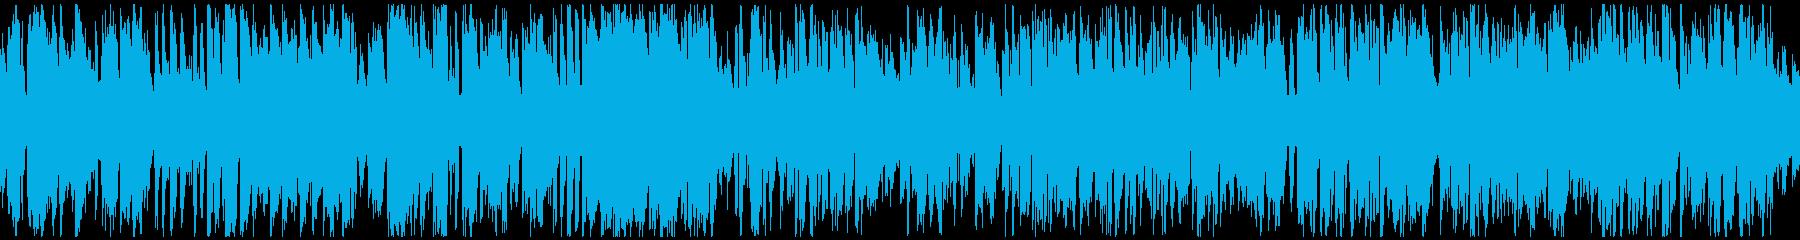 カジノやショーの幕開け的ジャズ※ループ版の再生済みの波形